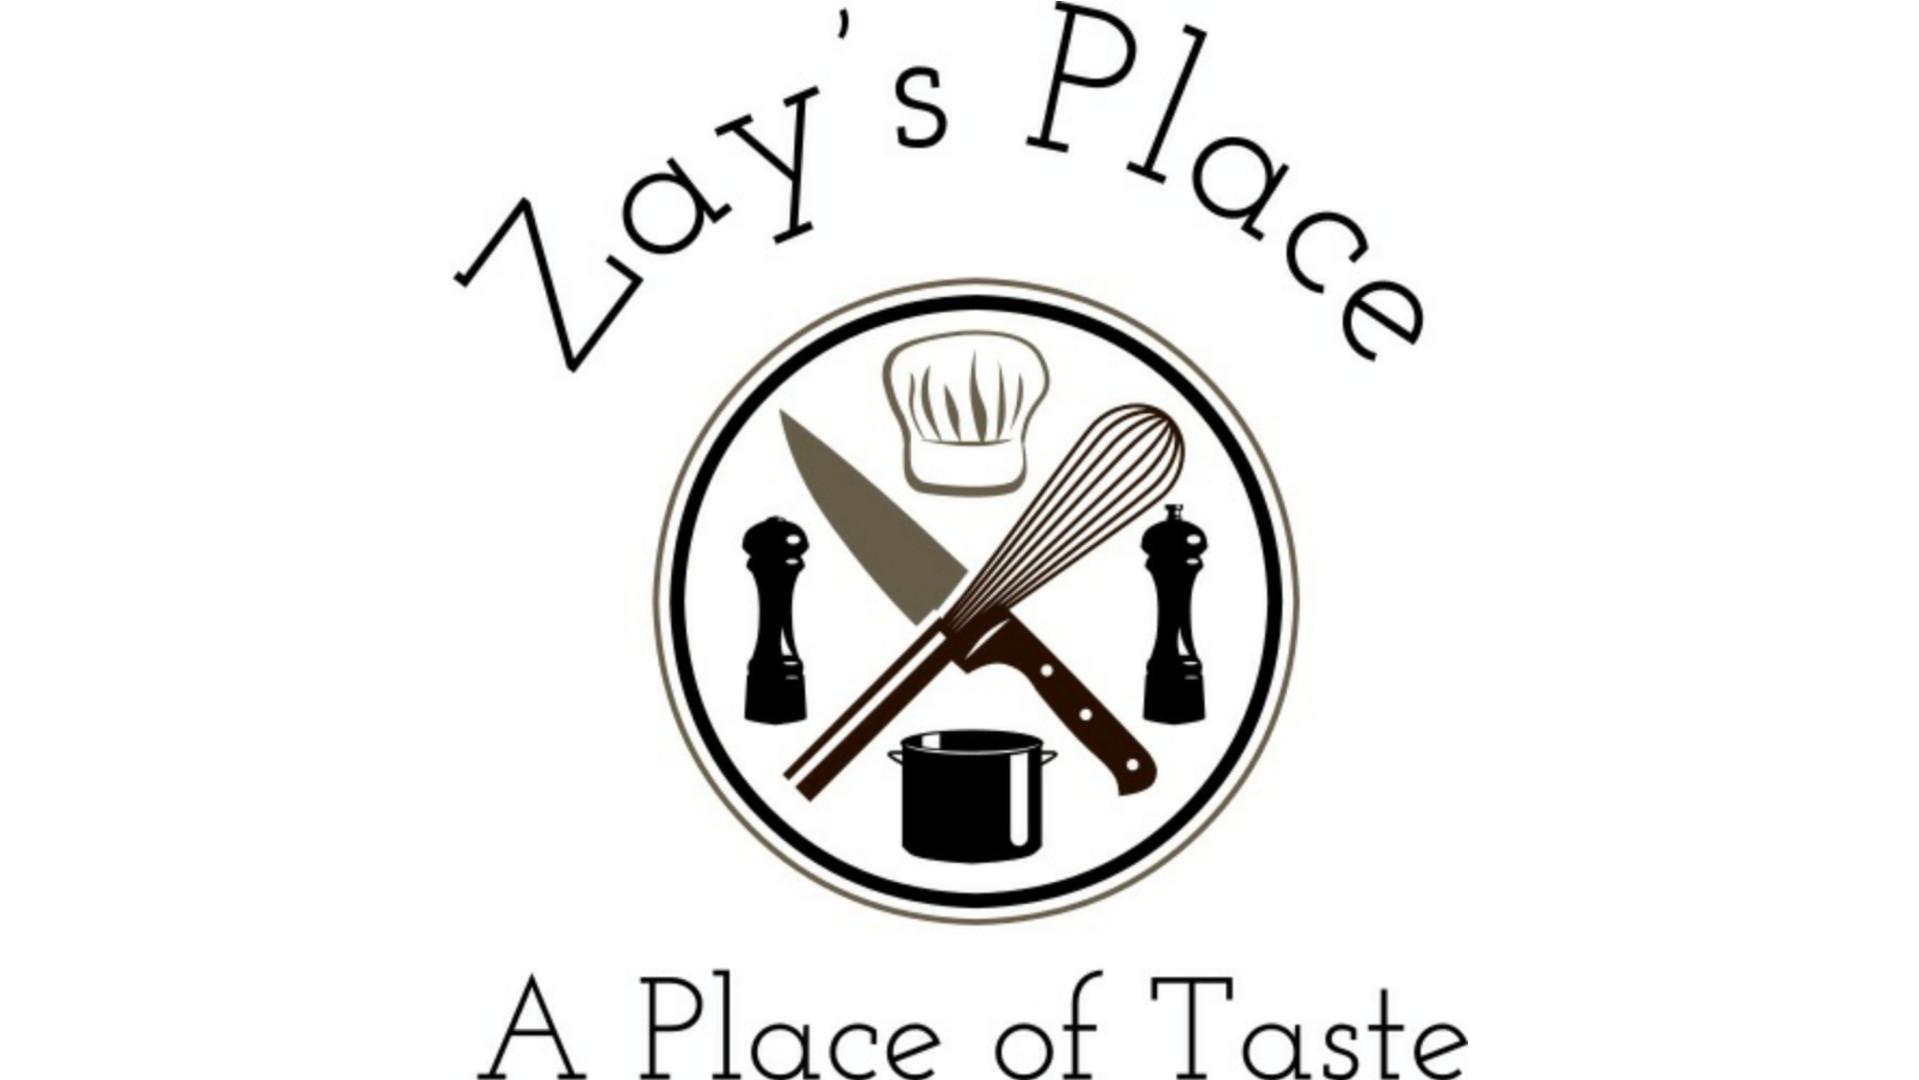 Zay's Place